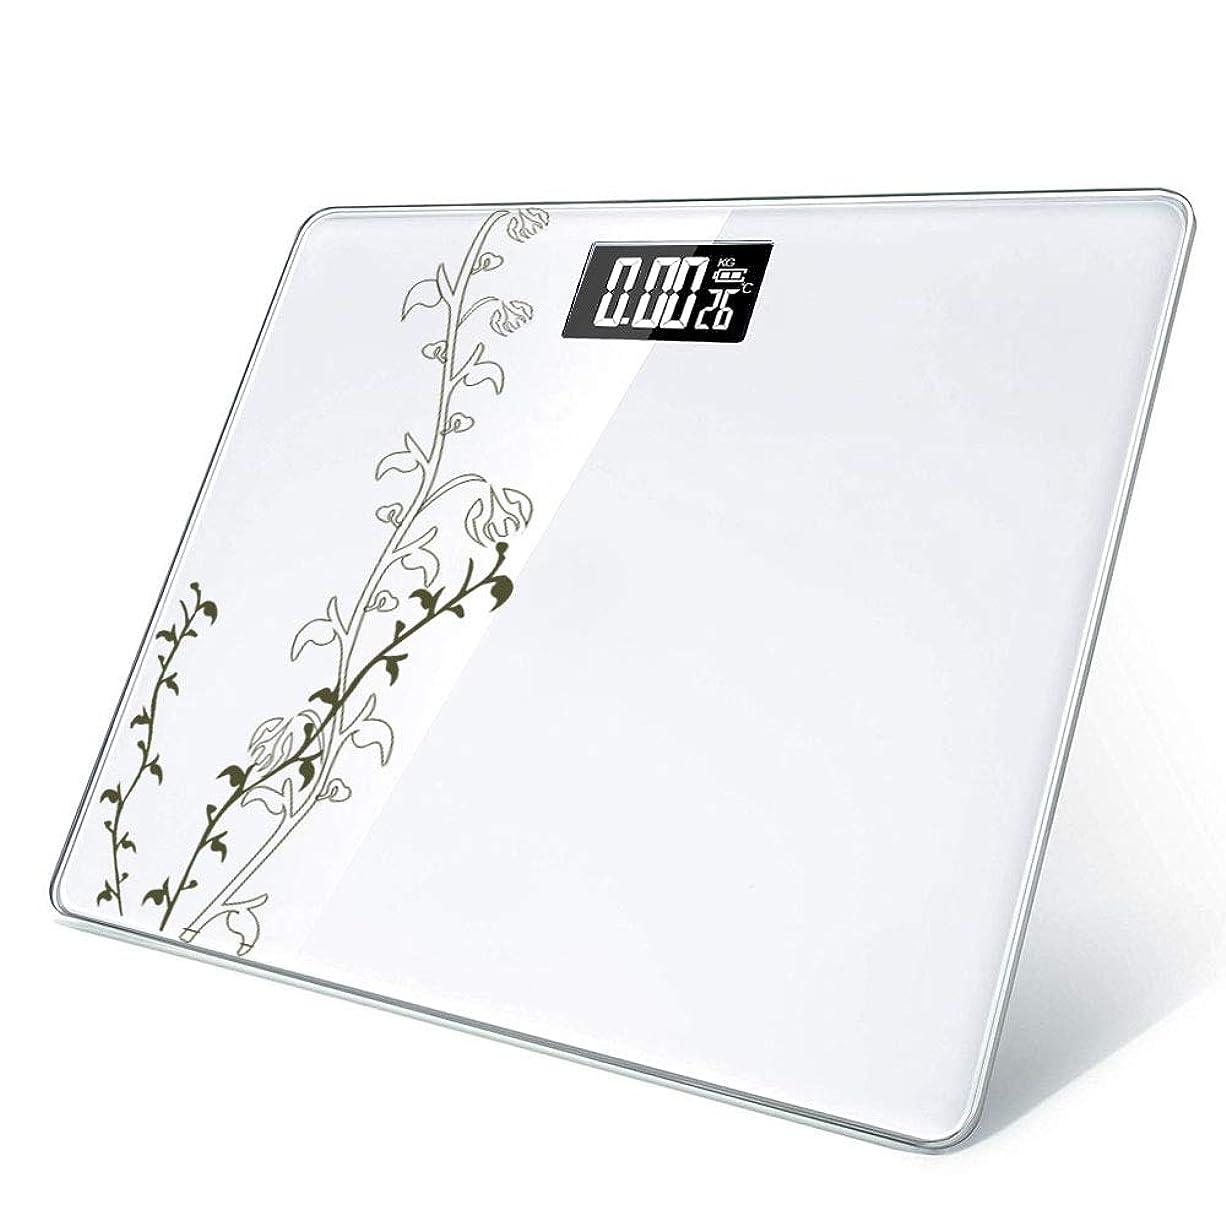 ごちそう精神ラベルXIANRUI 体重計 デジタル 乗るだけで電源オン 温度計機能 メジャー付き 300mm×260mm 0.02KG~180KG対応 (電池付属)